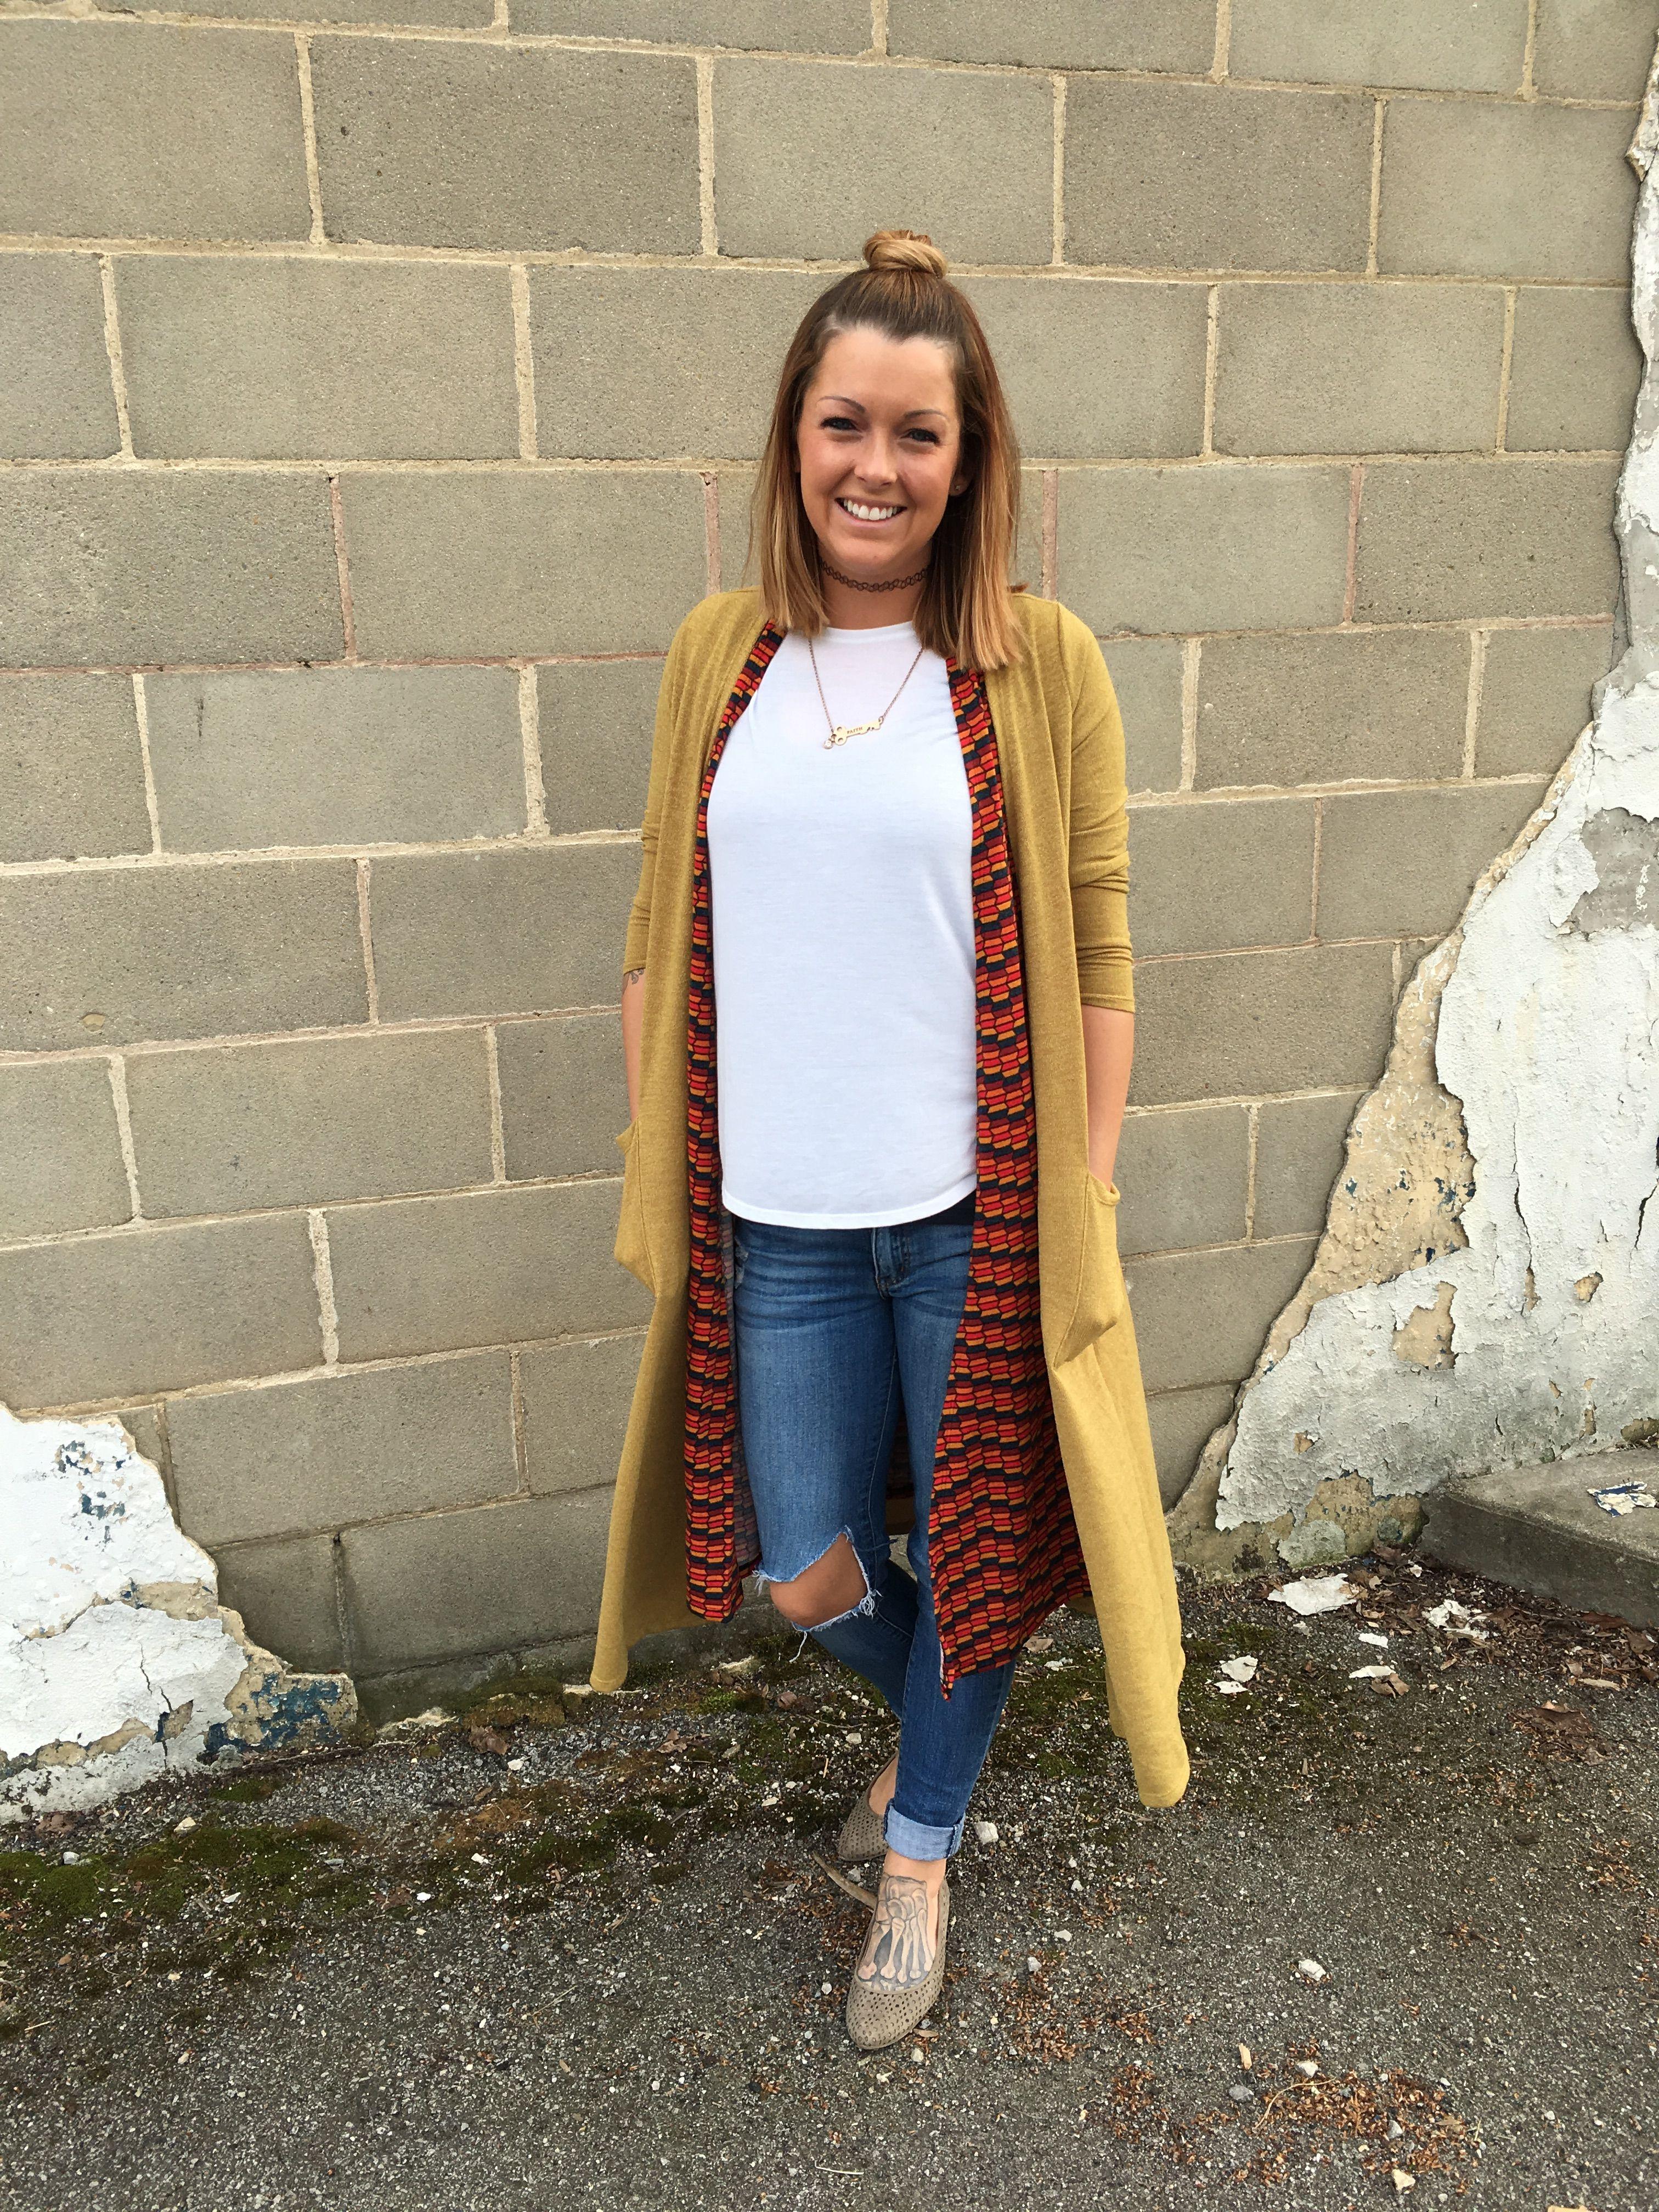 LuLaRoe #BeTheTrain with Jessica Kueber! Joy Vest, Sarah